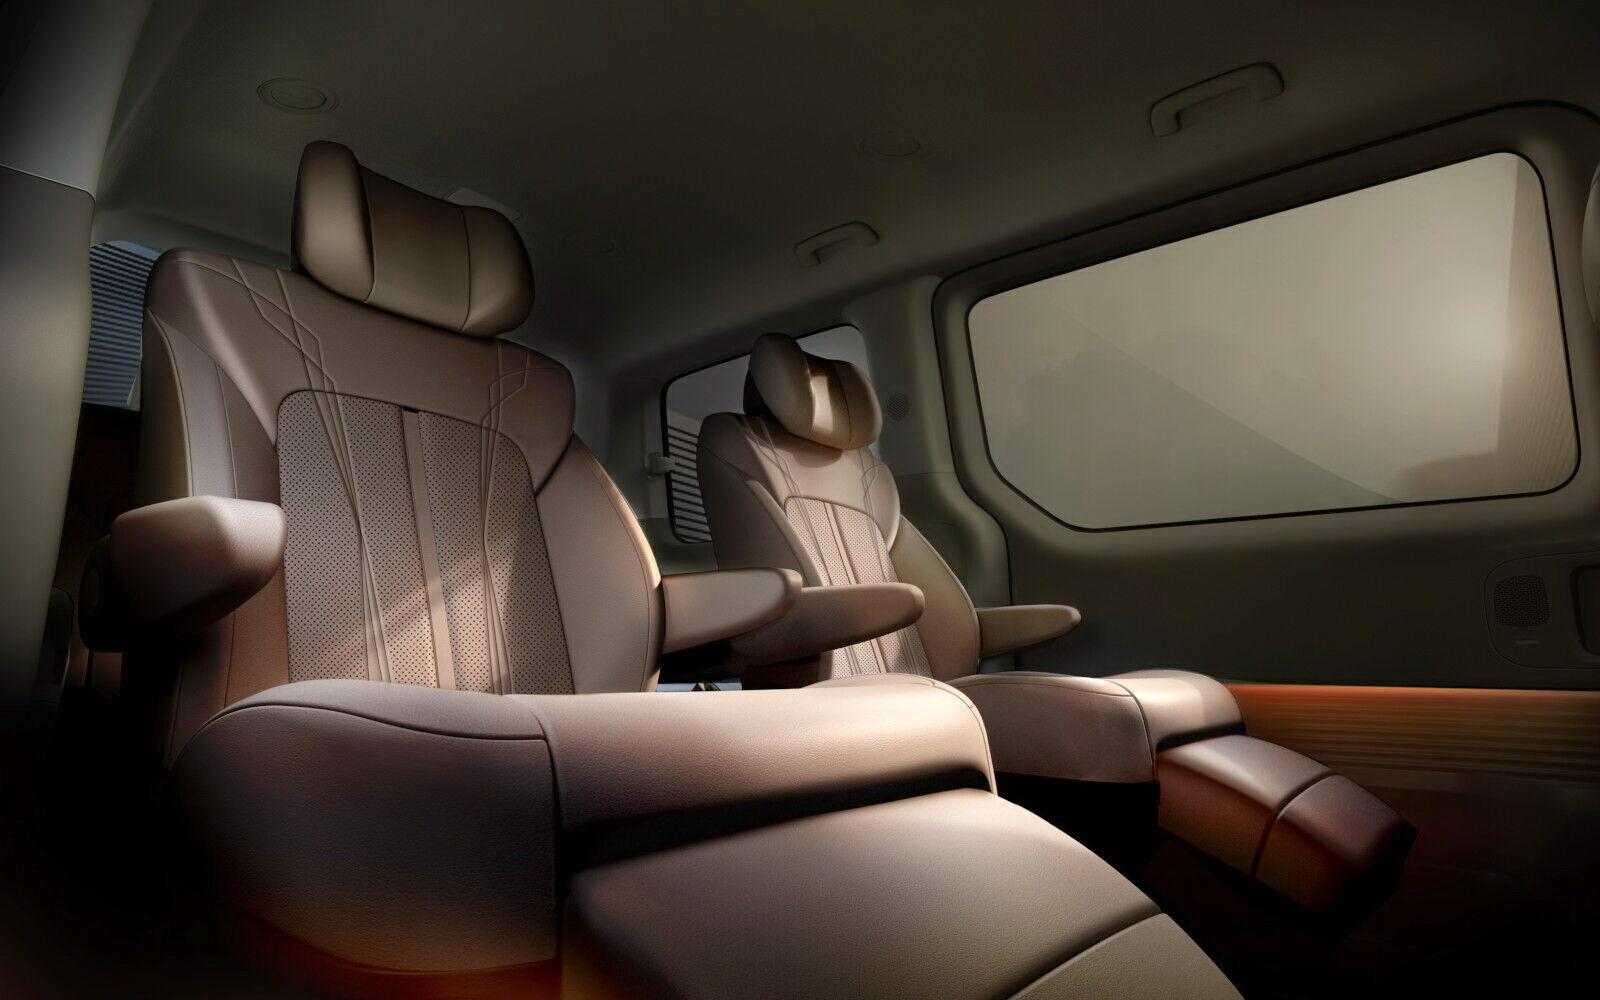 """В топовой комплектации Premium вместо обычного трехместного дивана предусмотрены два индивидуальных """"капитанских"""" кресла"""